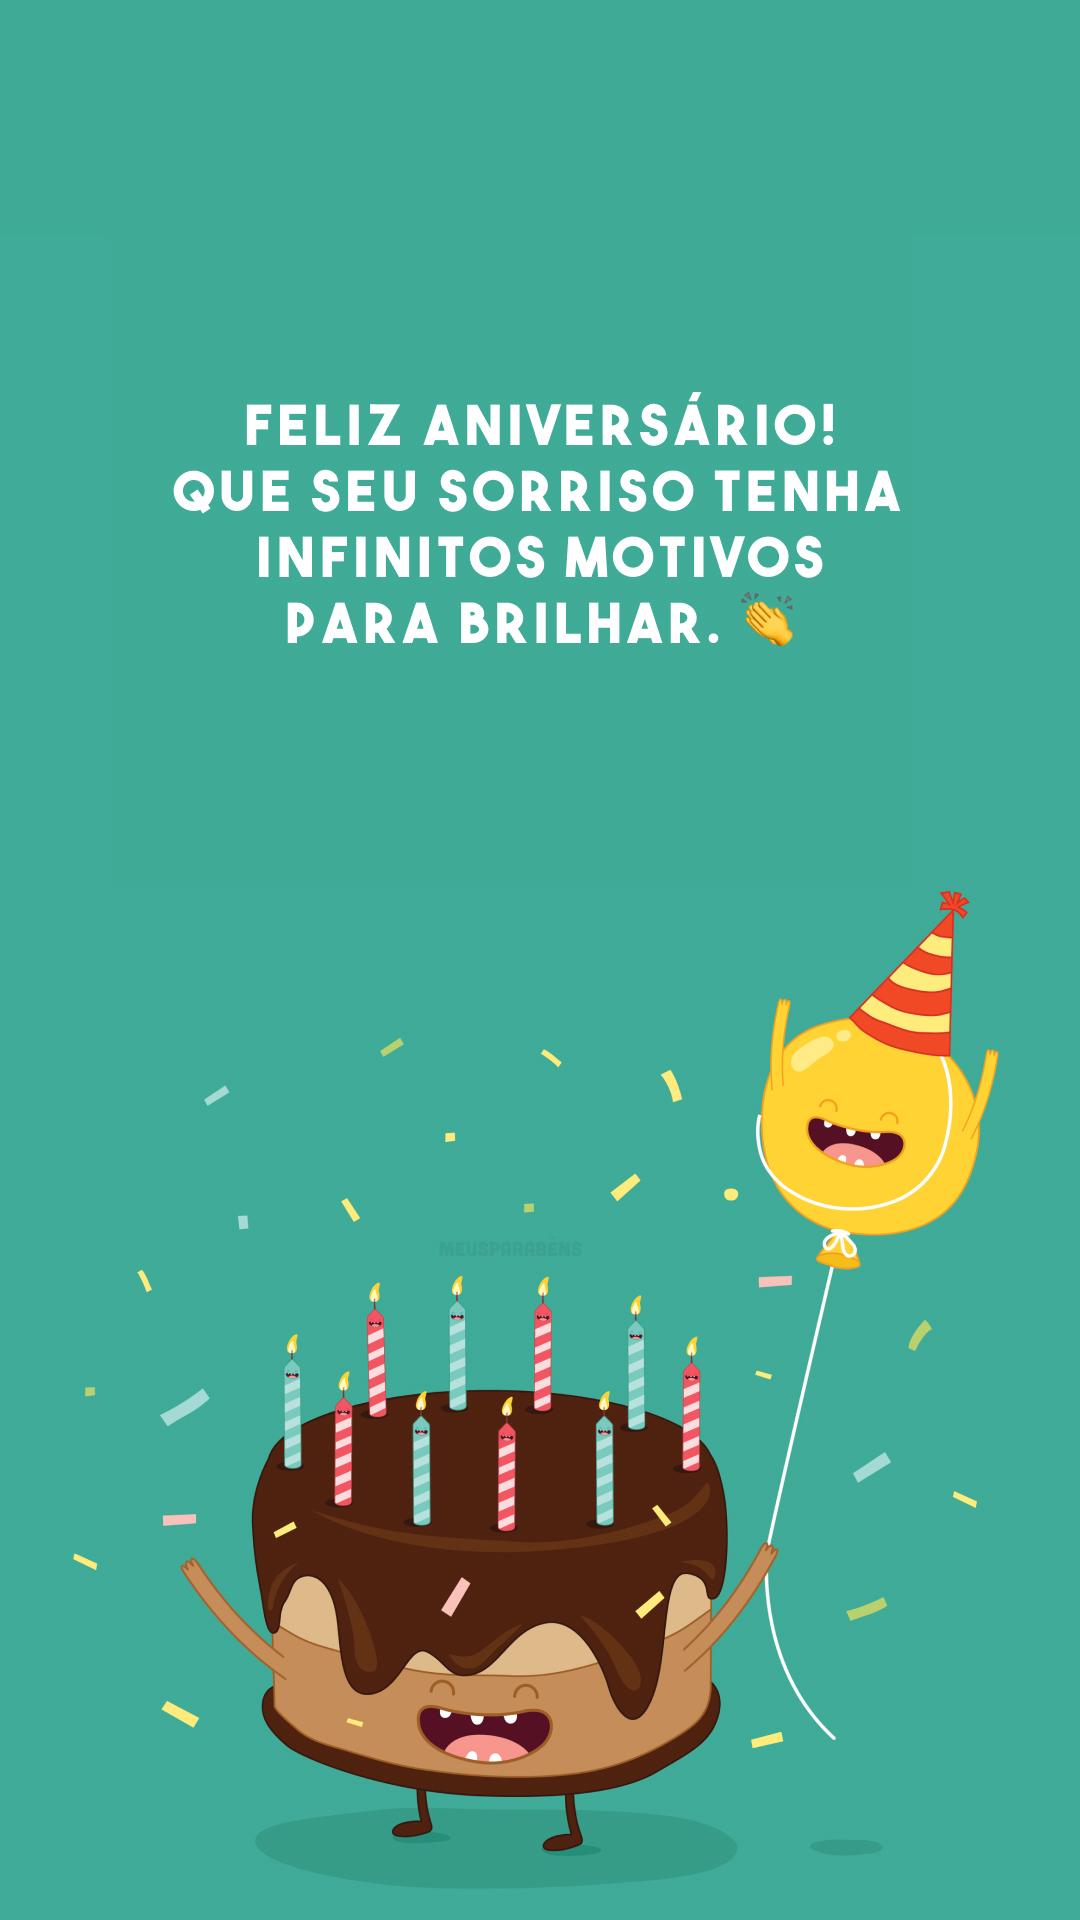 Feliz aniversário! Que seu sorriso tenha infinitos motivos para brilhar. 👏